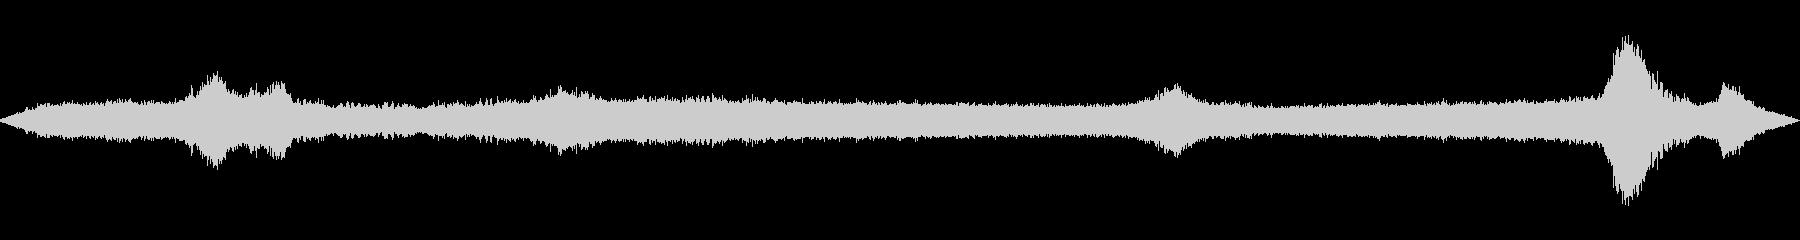 [生録音]交差点の環境音02(真夏)の未再生の波形